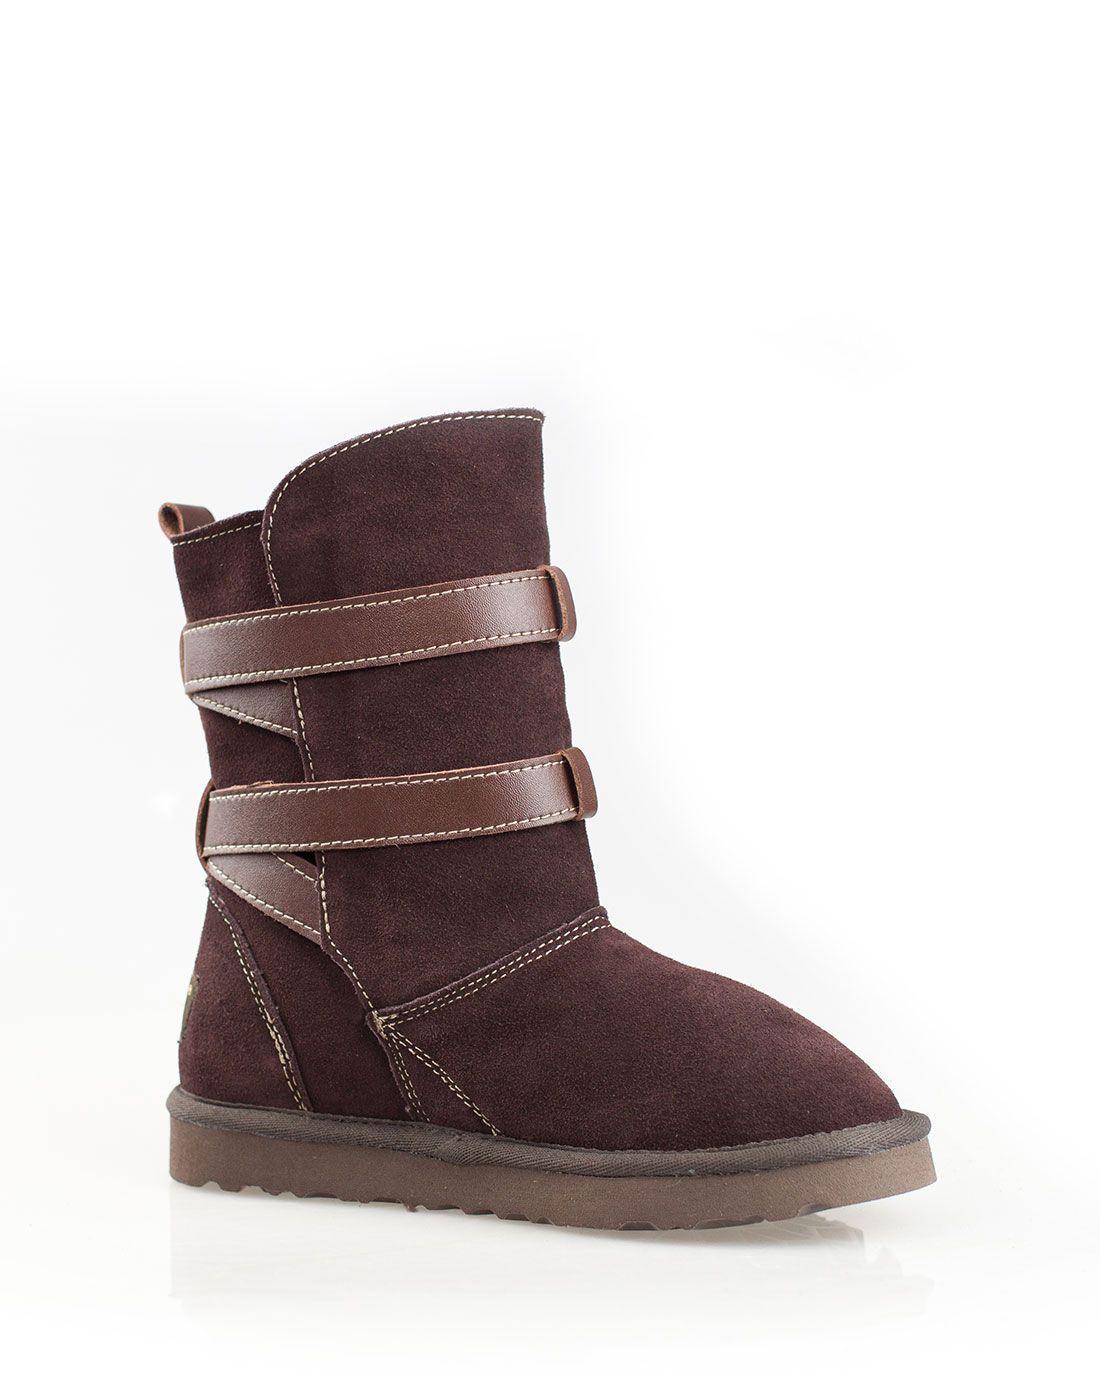 雪地靴哪个牌子最好_巧克力雪地靴